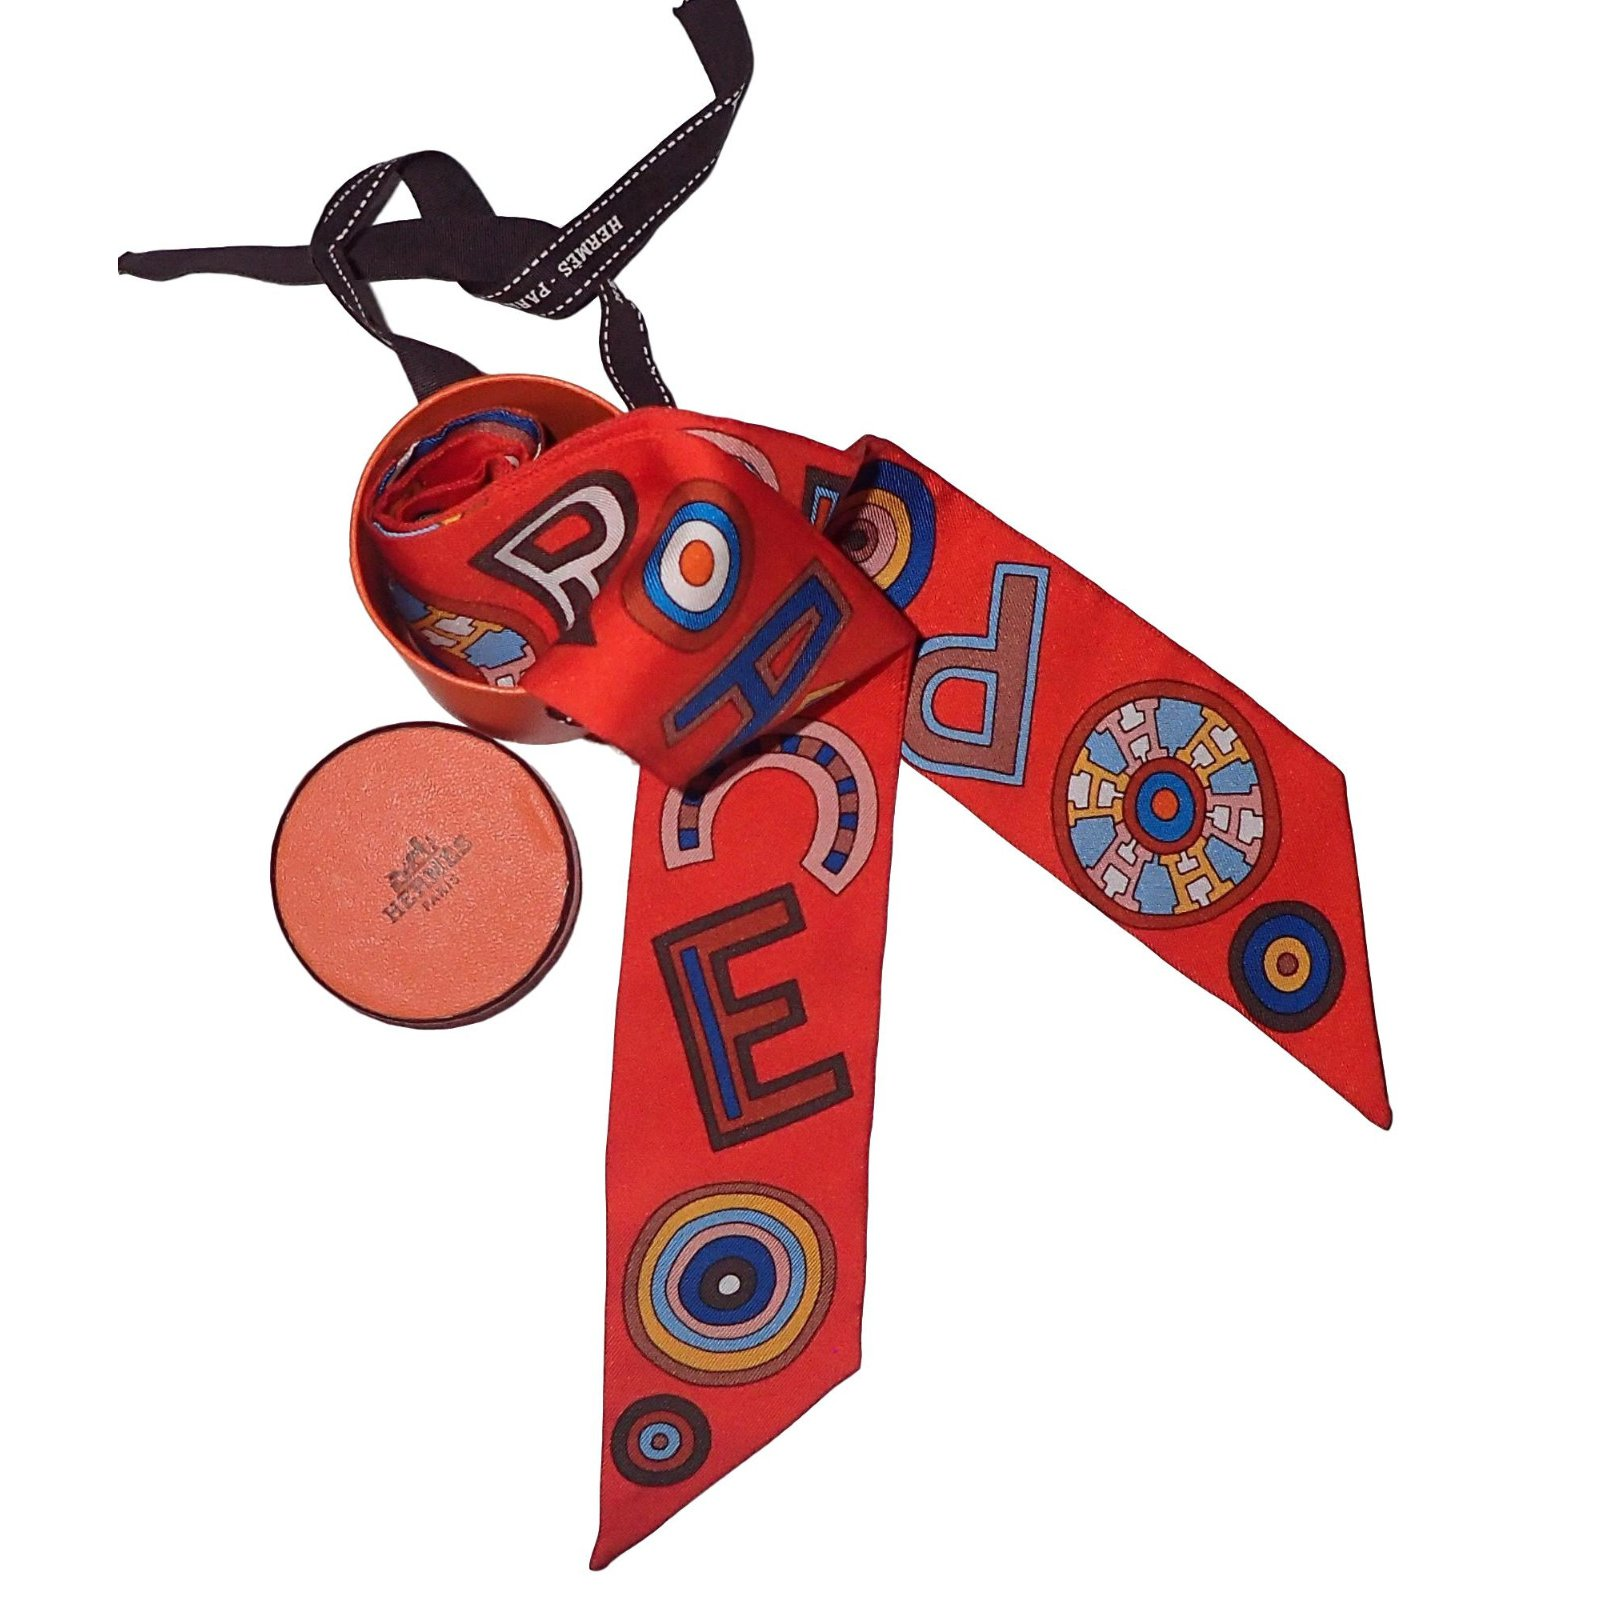 dernier style de 2019 Découvrez remise spéciale twilly hermes foulard prix